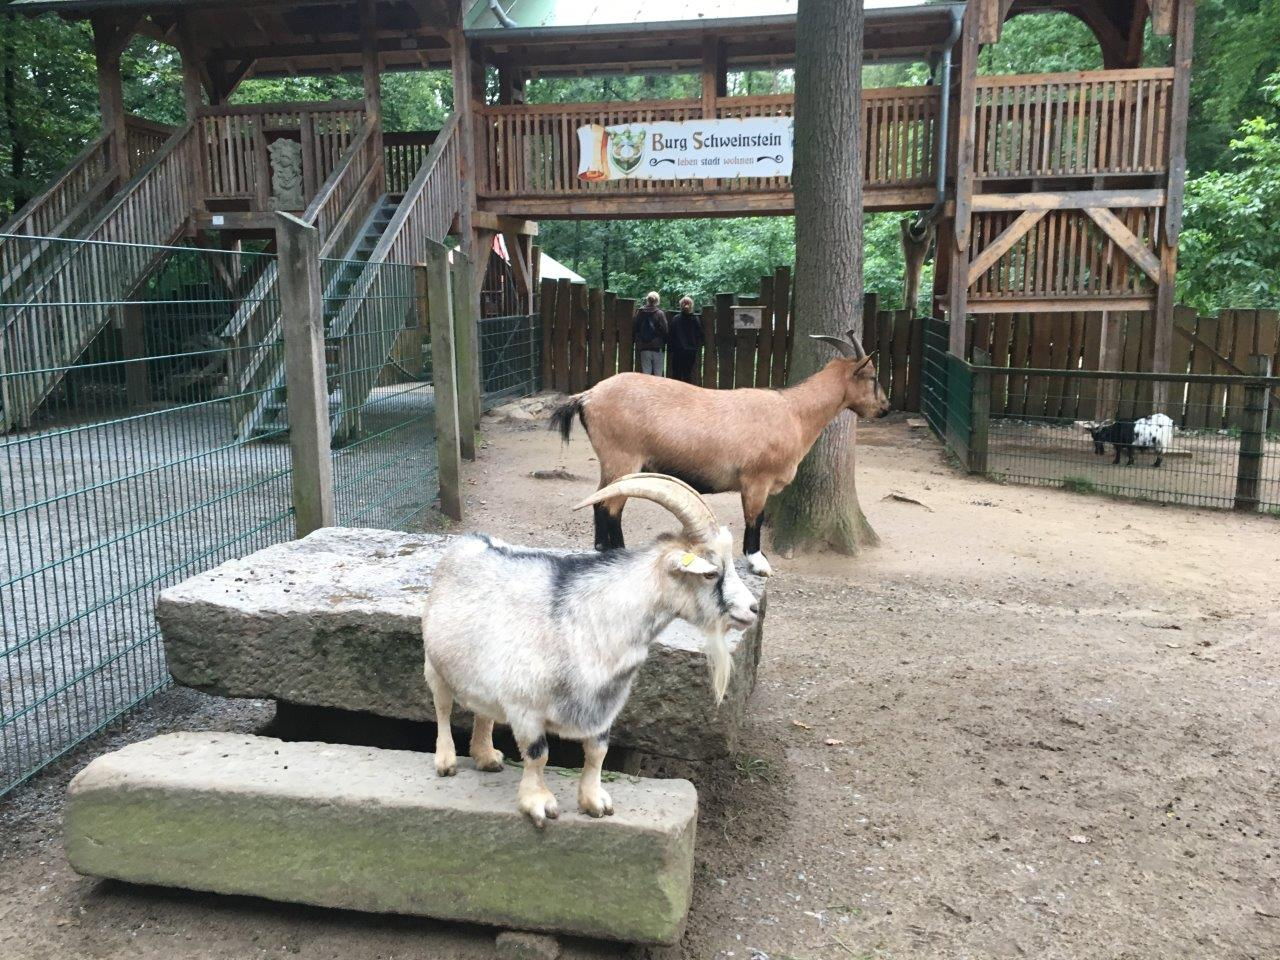 Klettergerüst Ziegen : Eine tour durch den wildpark schweinfurt wandern mit familie